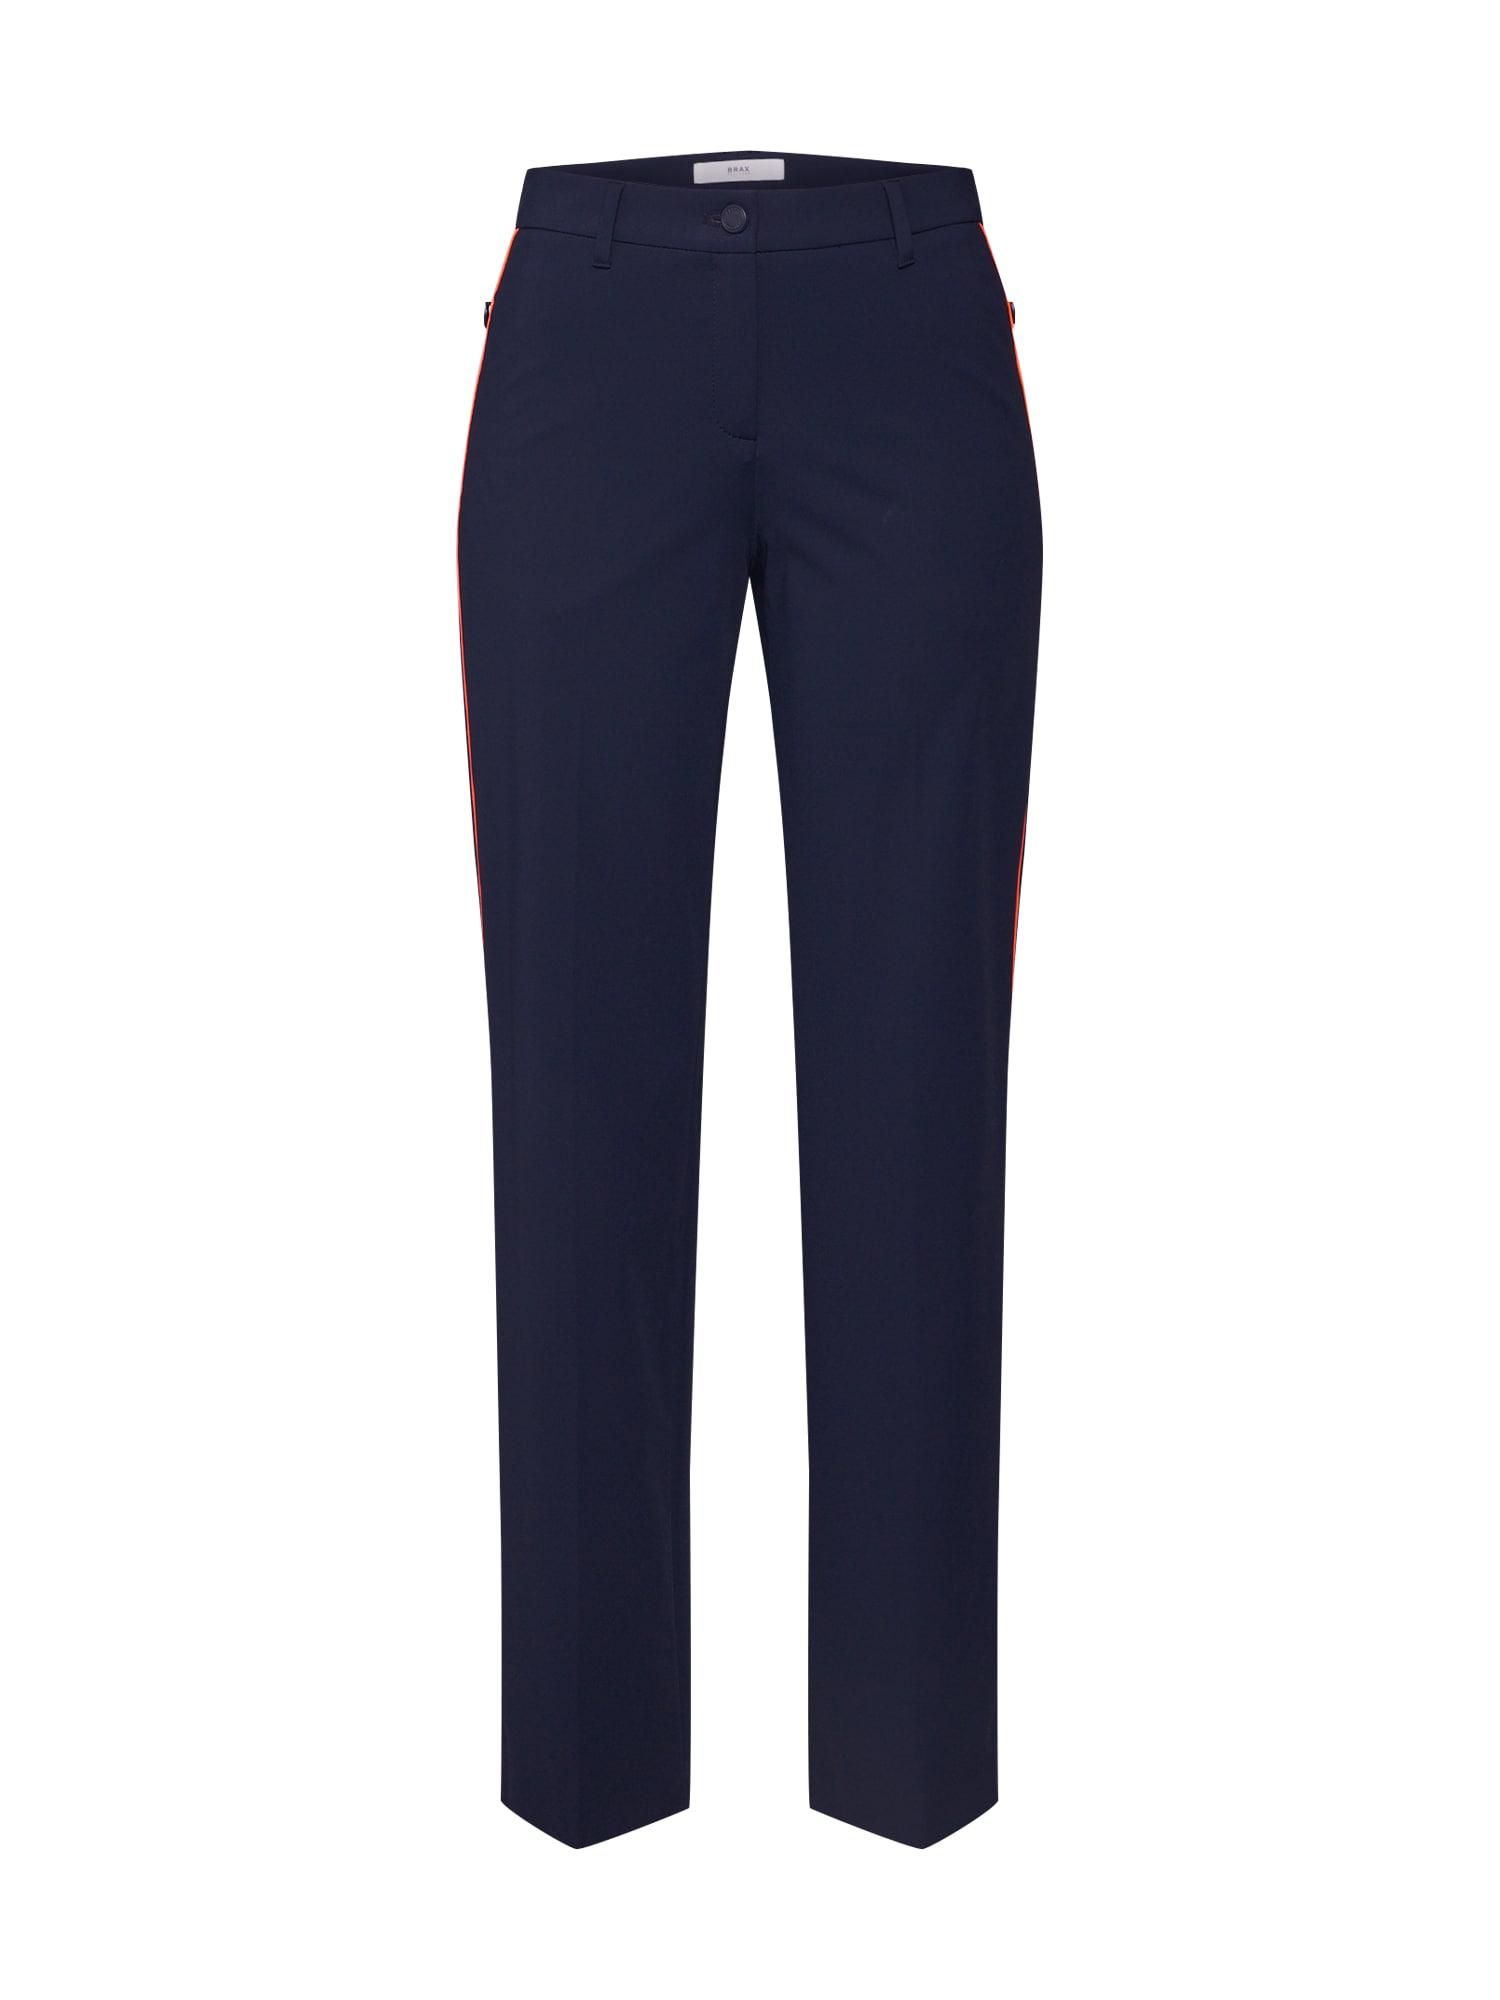 BRAX Chino stiliaus kelnės 'MILANO' tamsiai mėlyna / tamsiai mėlyna